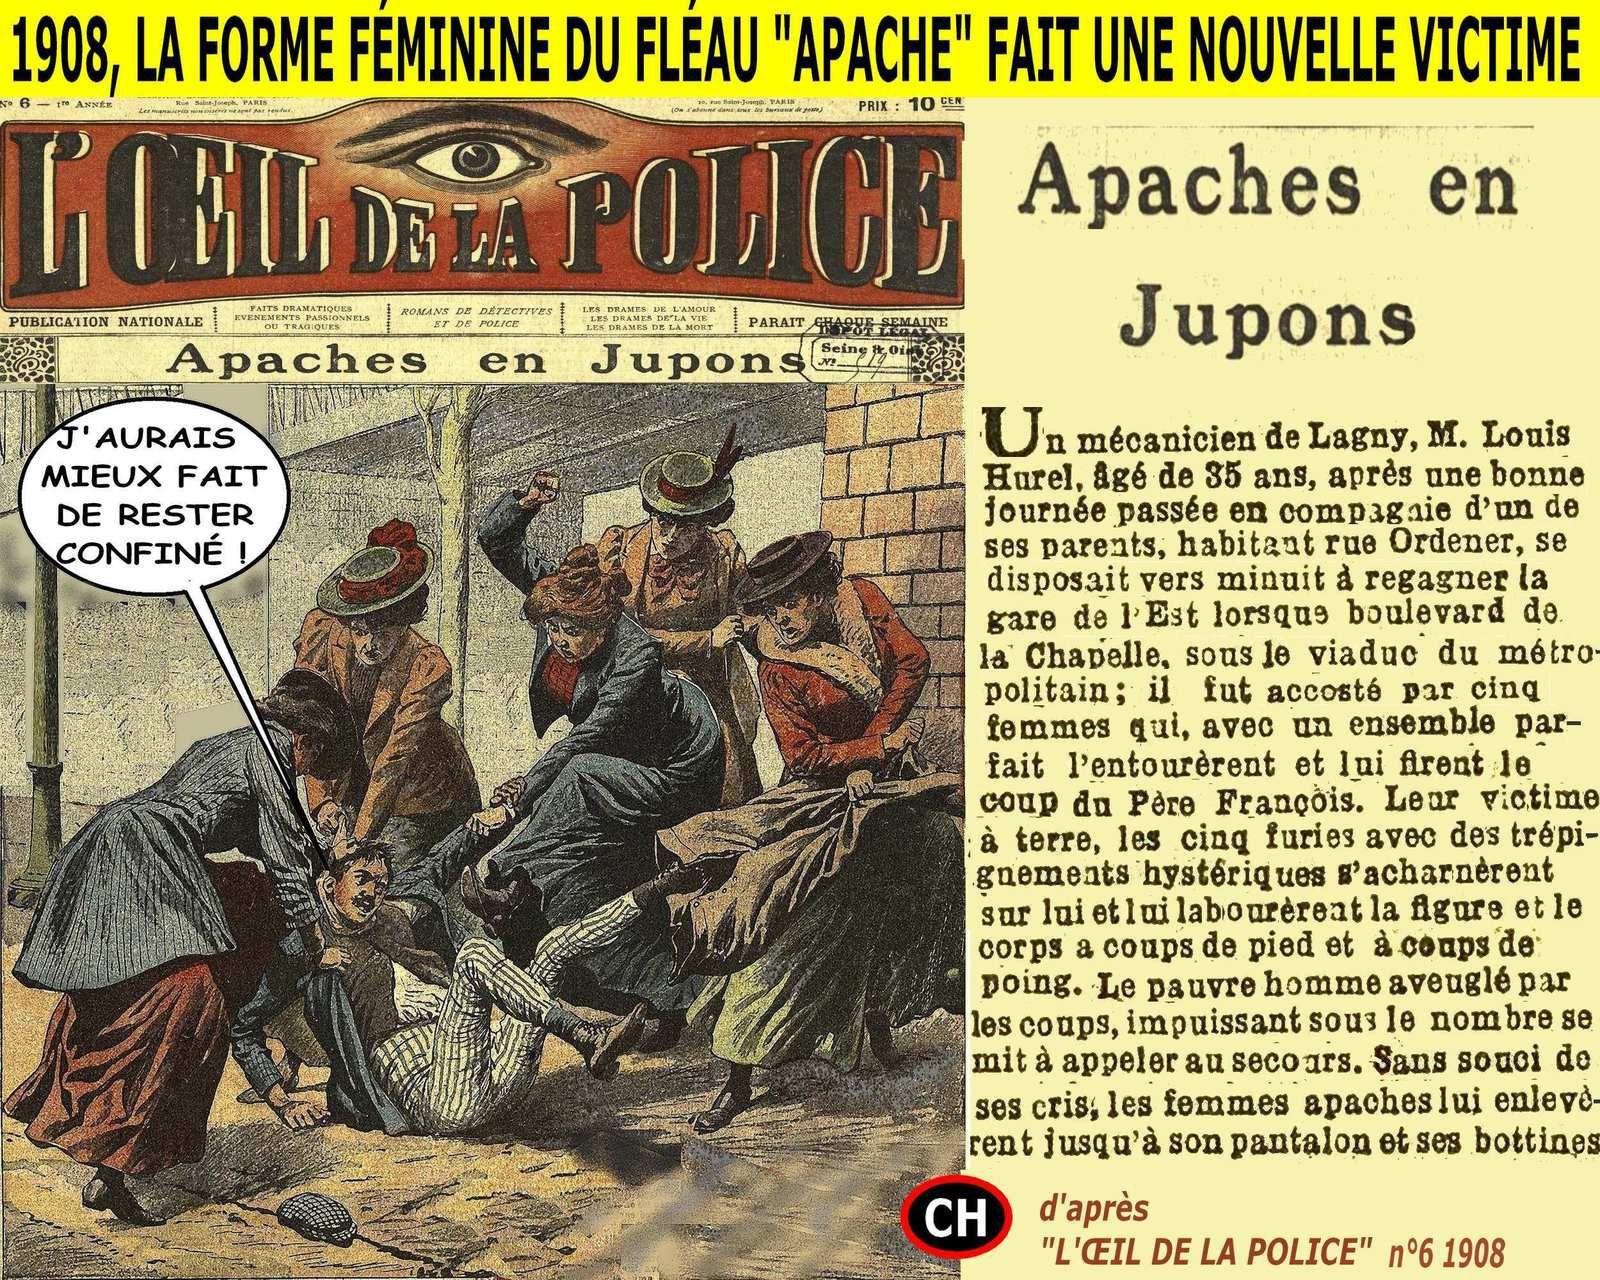 1908, une forme féminine du fléau apache fait une nouvelle victime.jpg